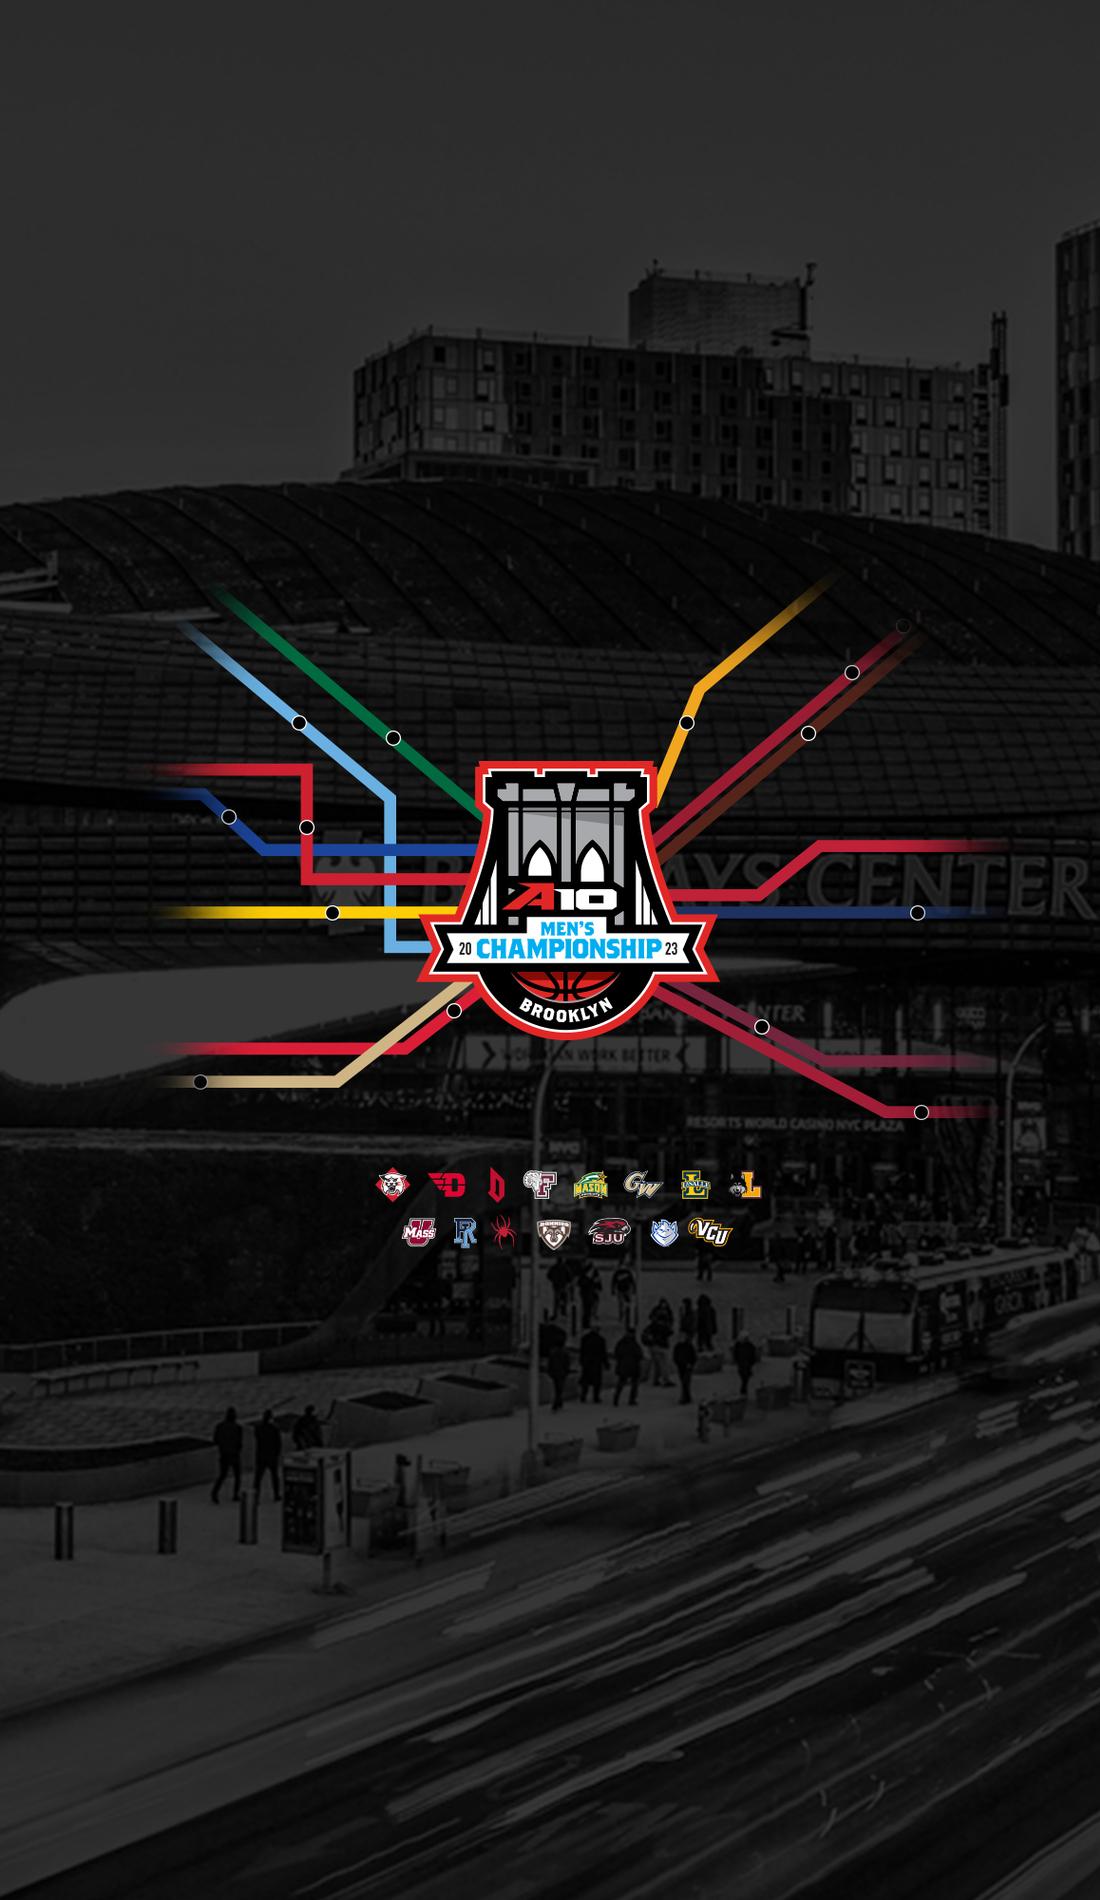 A Atlantic 10 Basketball Tournament live event